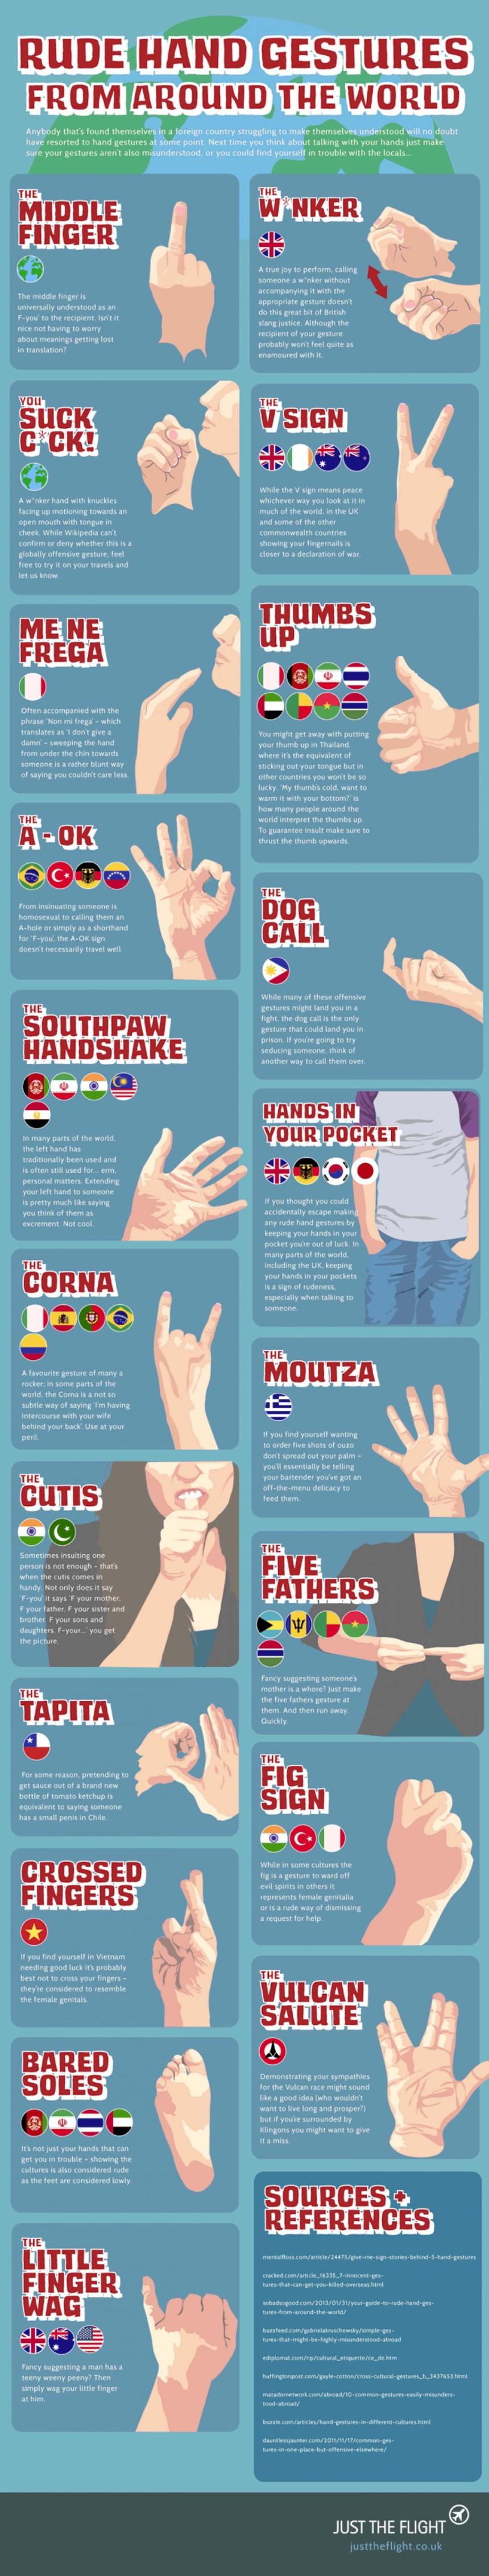 Algunos gestos feos que no debes hacer en algunos países